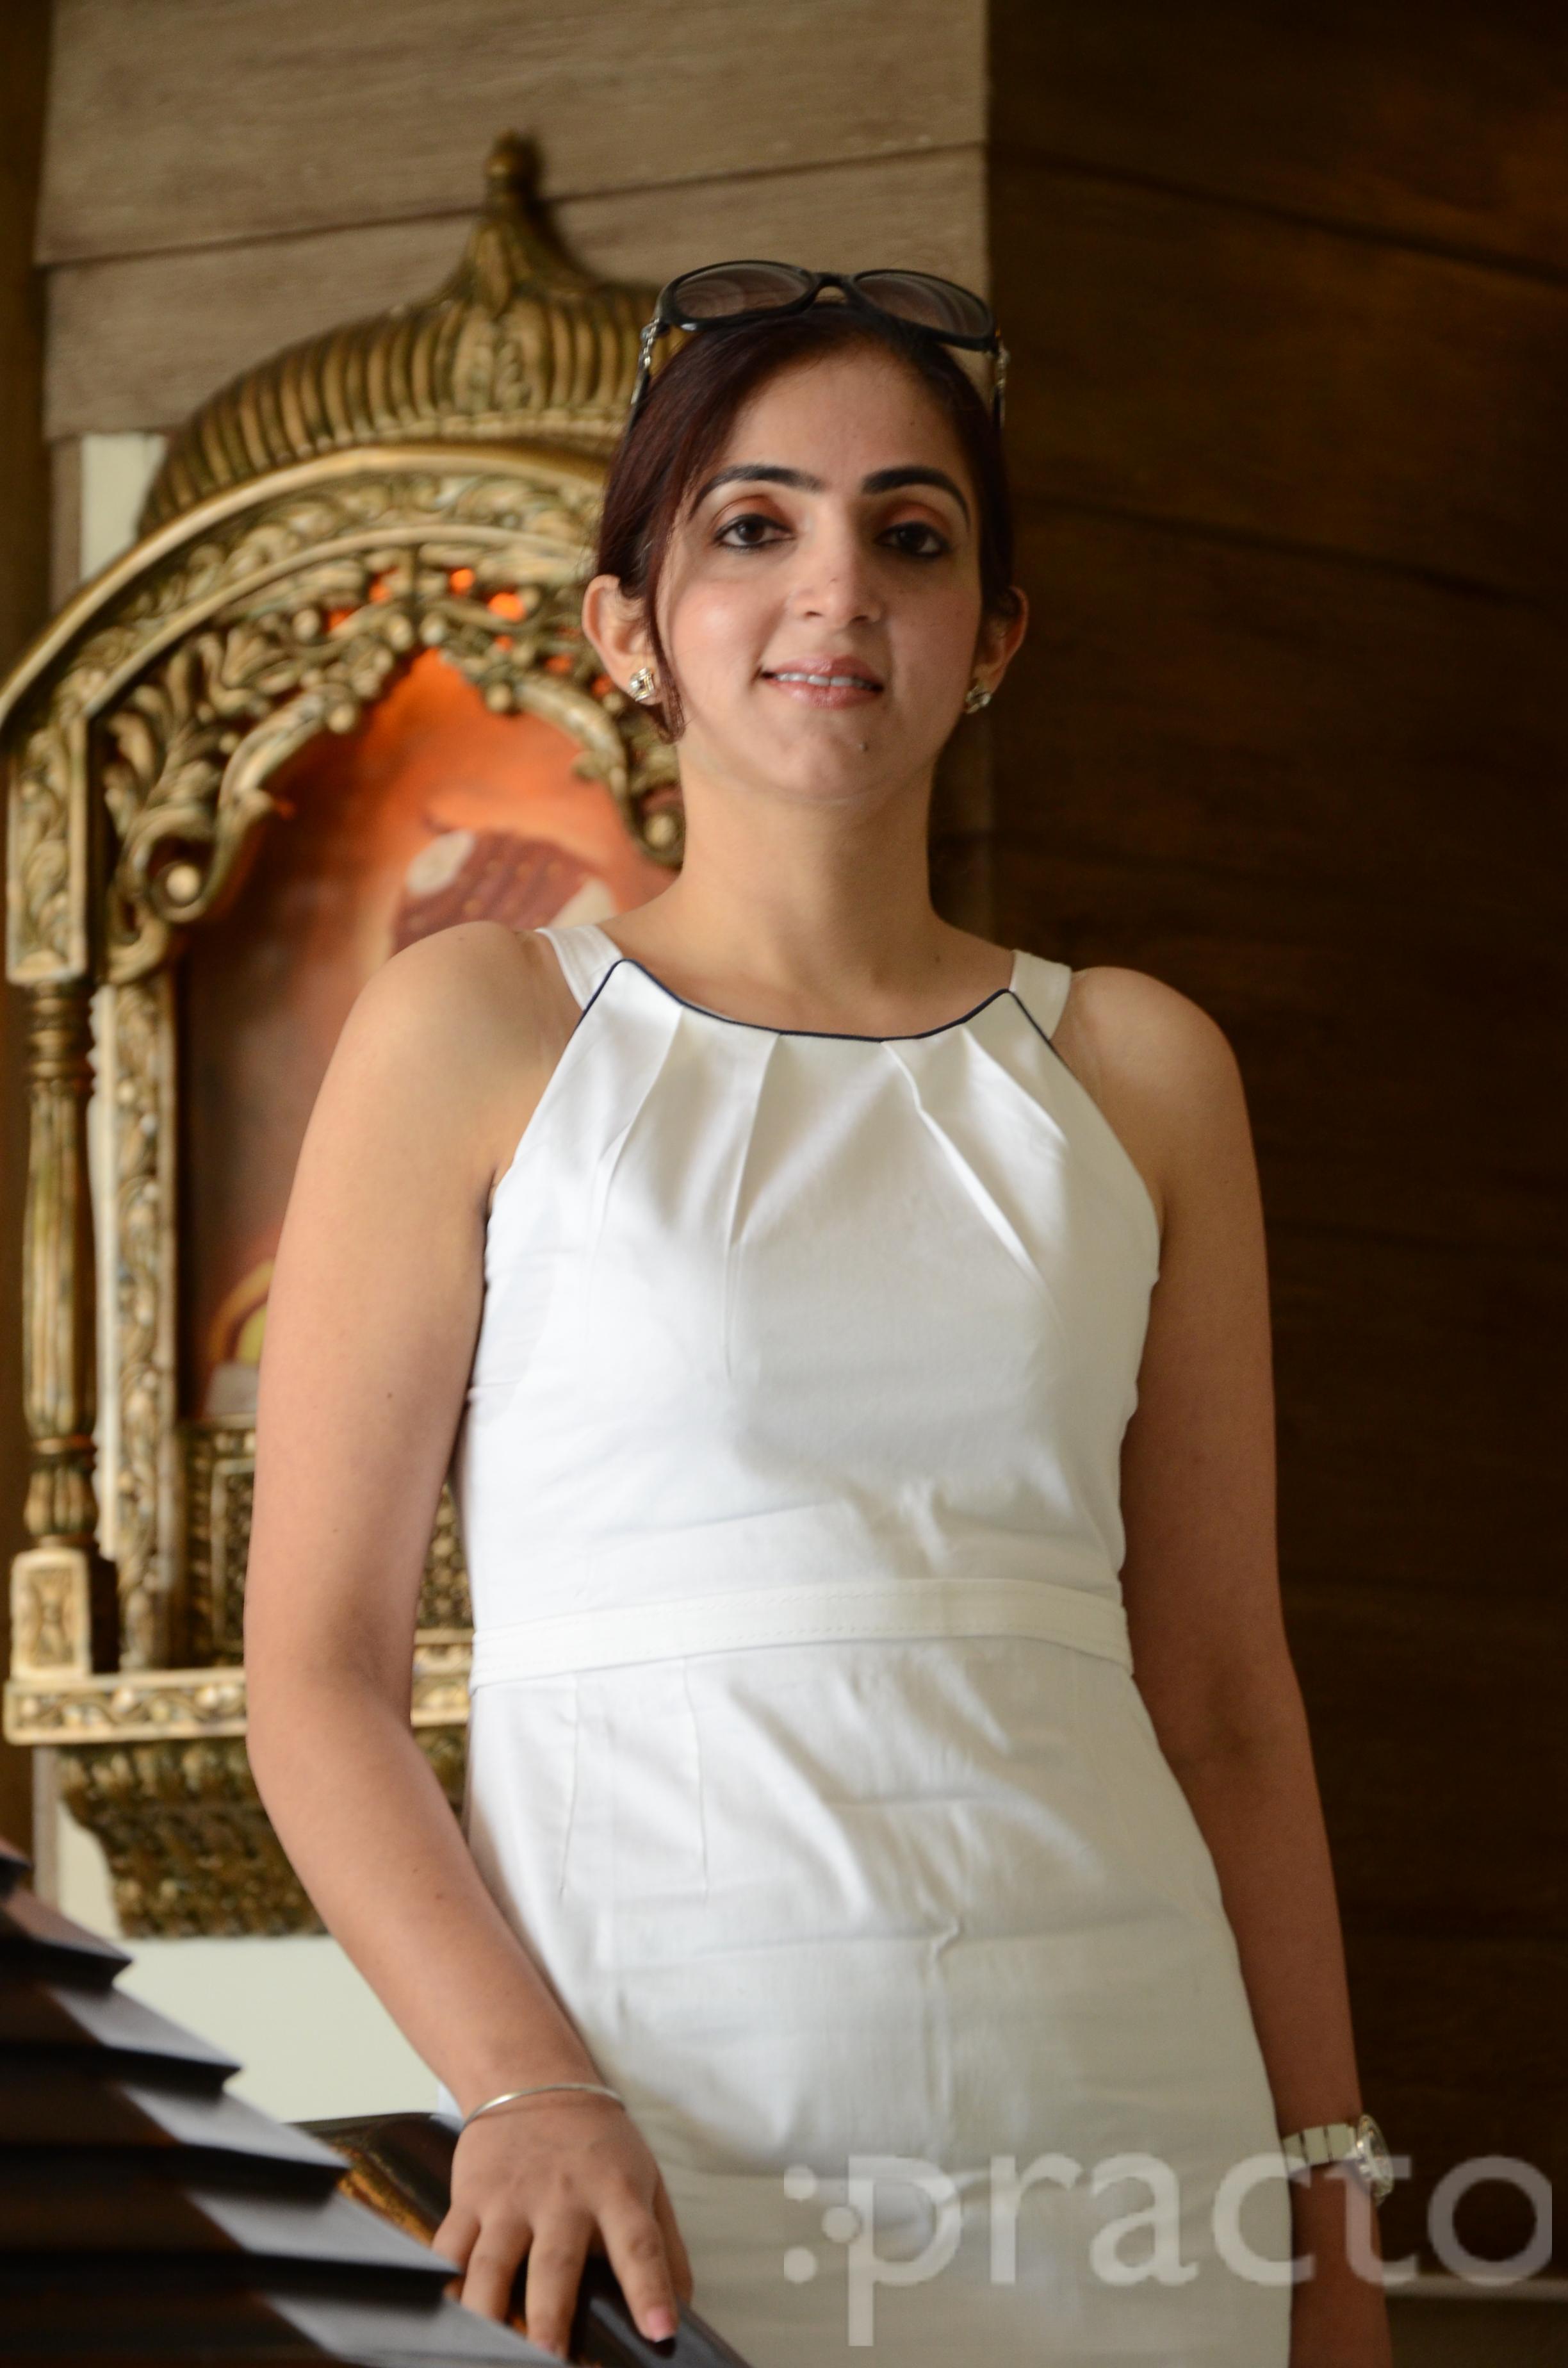 Dr. Simrat Kathuria - Dietitian/Nutritionist